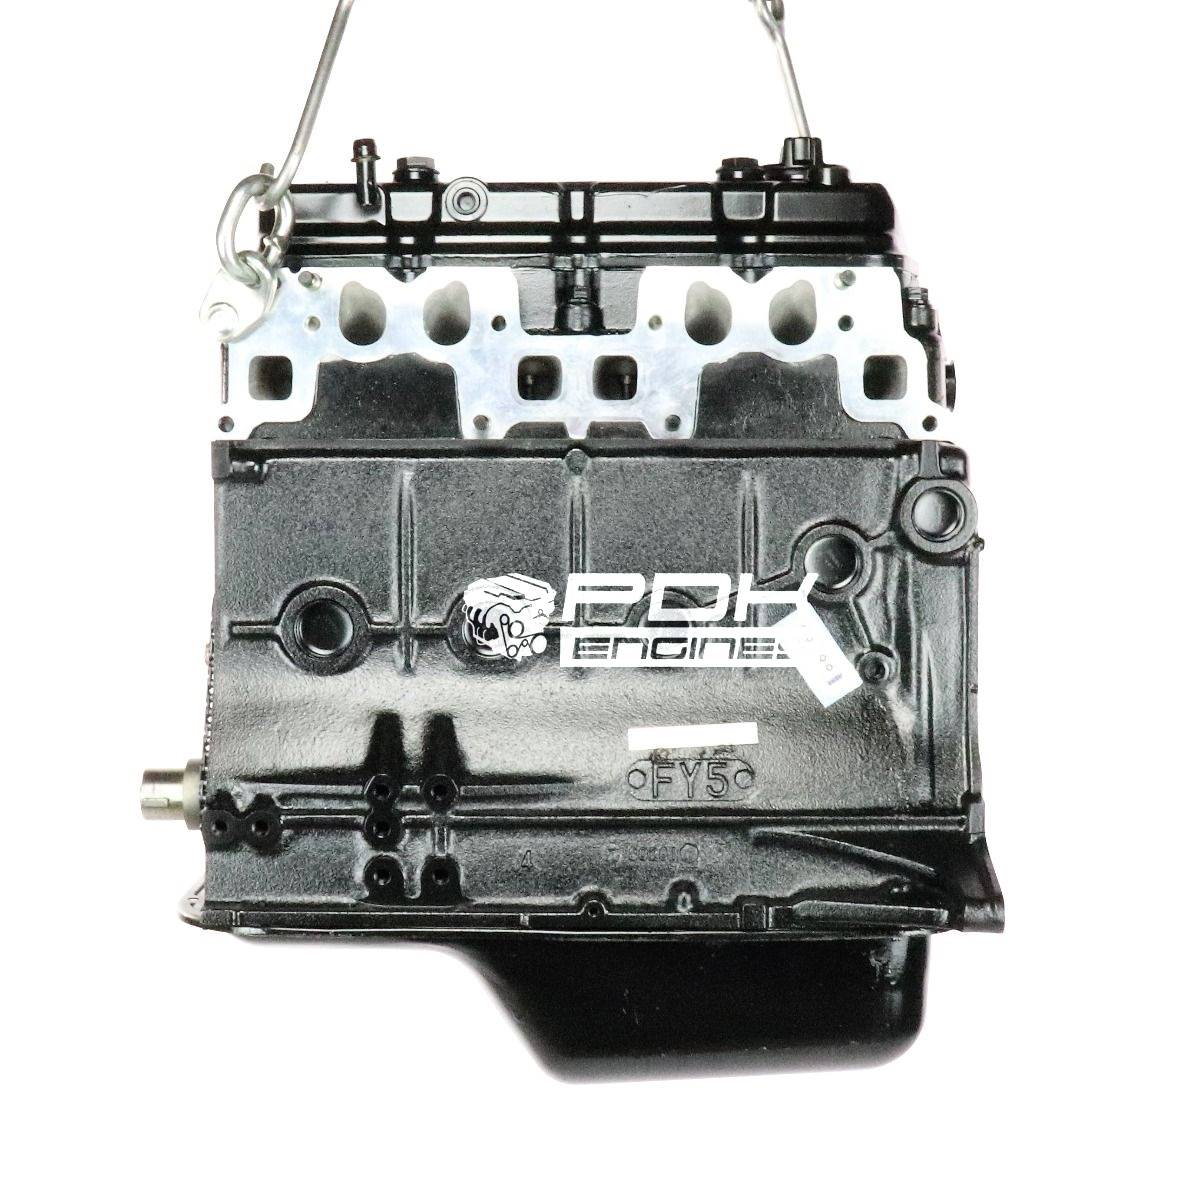 Nissan K21 Forklift Engine